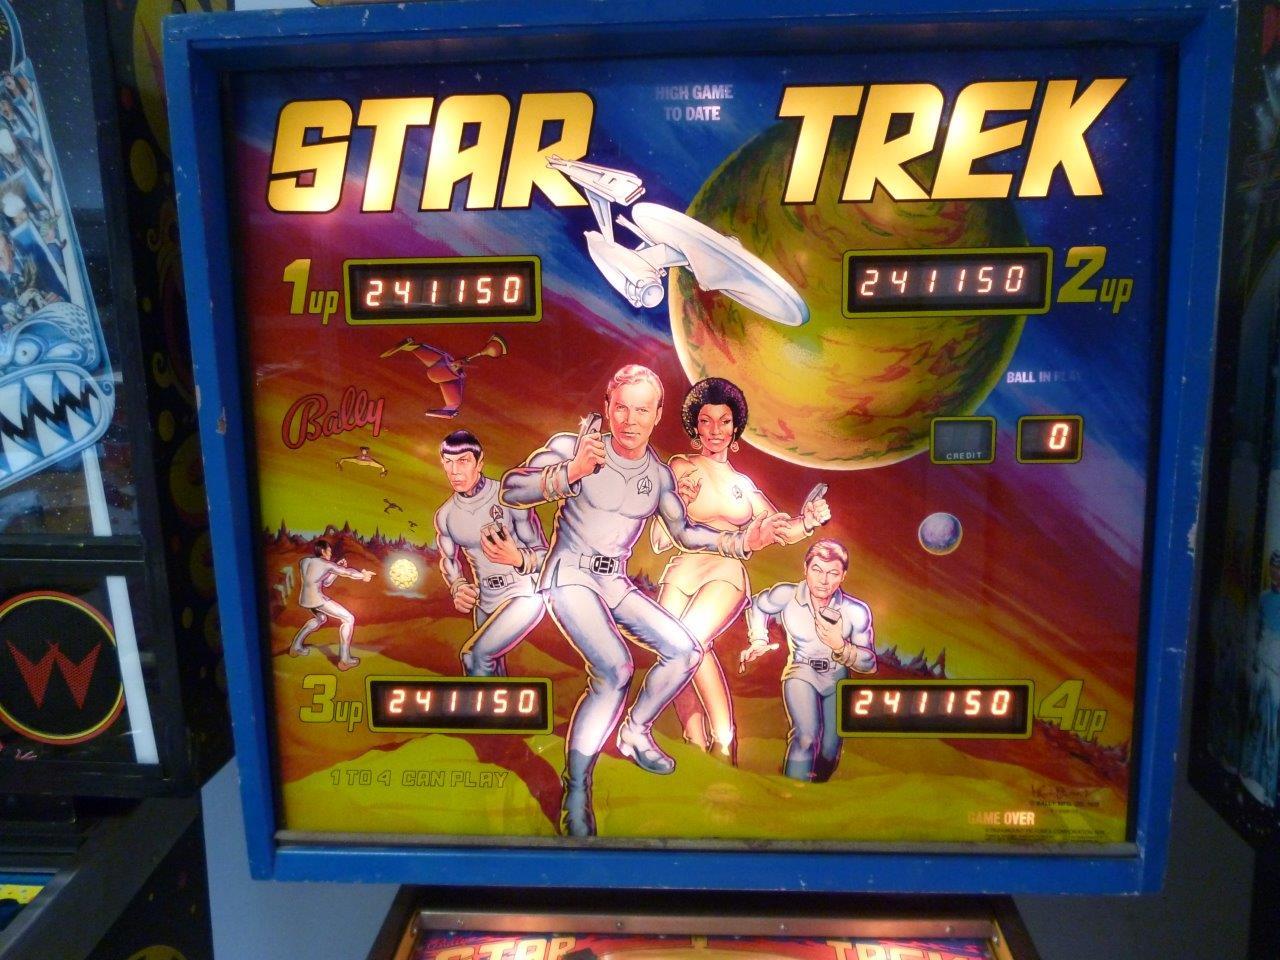 Star Trek   Bally   flipperkast kopkast